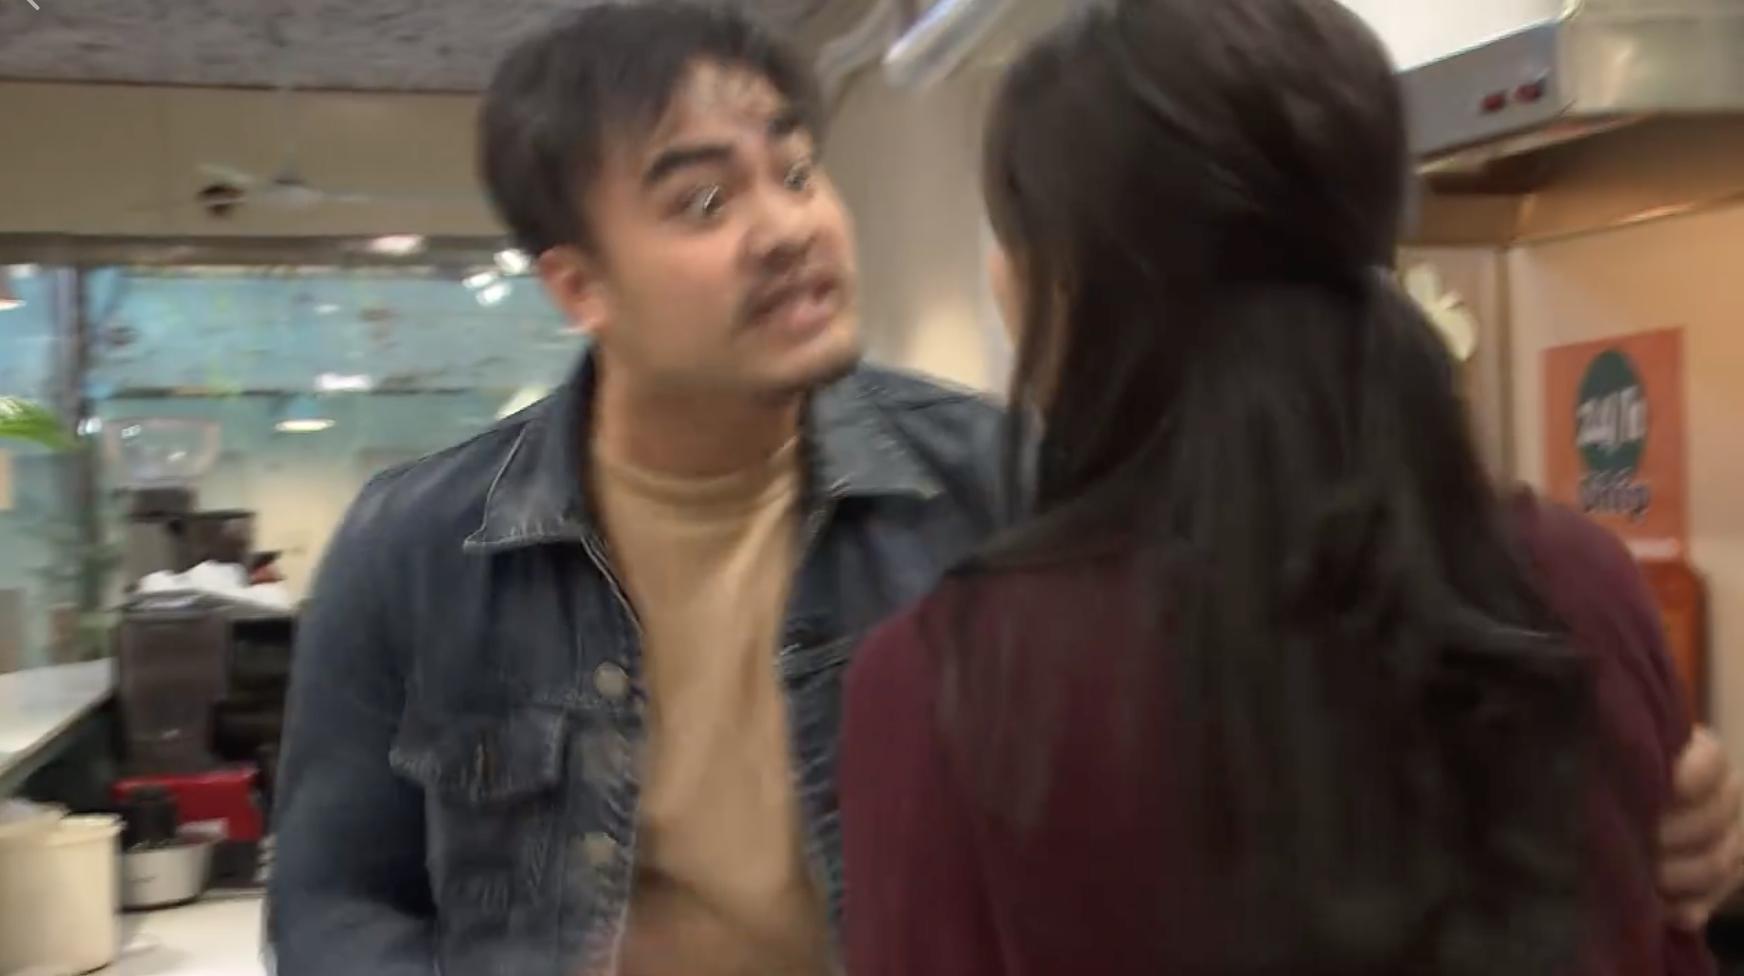 Về nhà đi con: Xem cảnh Khải cưỡng hôn Huệ vì ghen, khán giả khóc thương cho... anh quay phim - Ảnh 5.